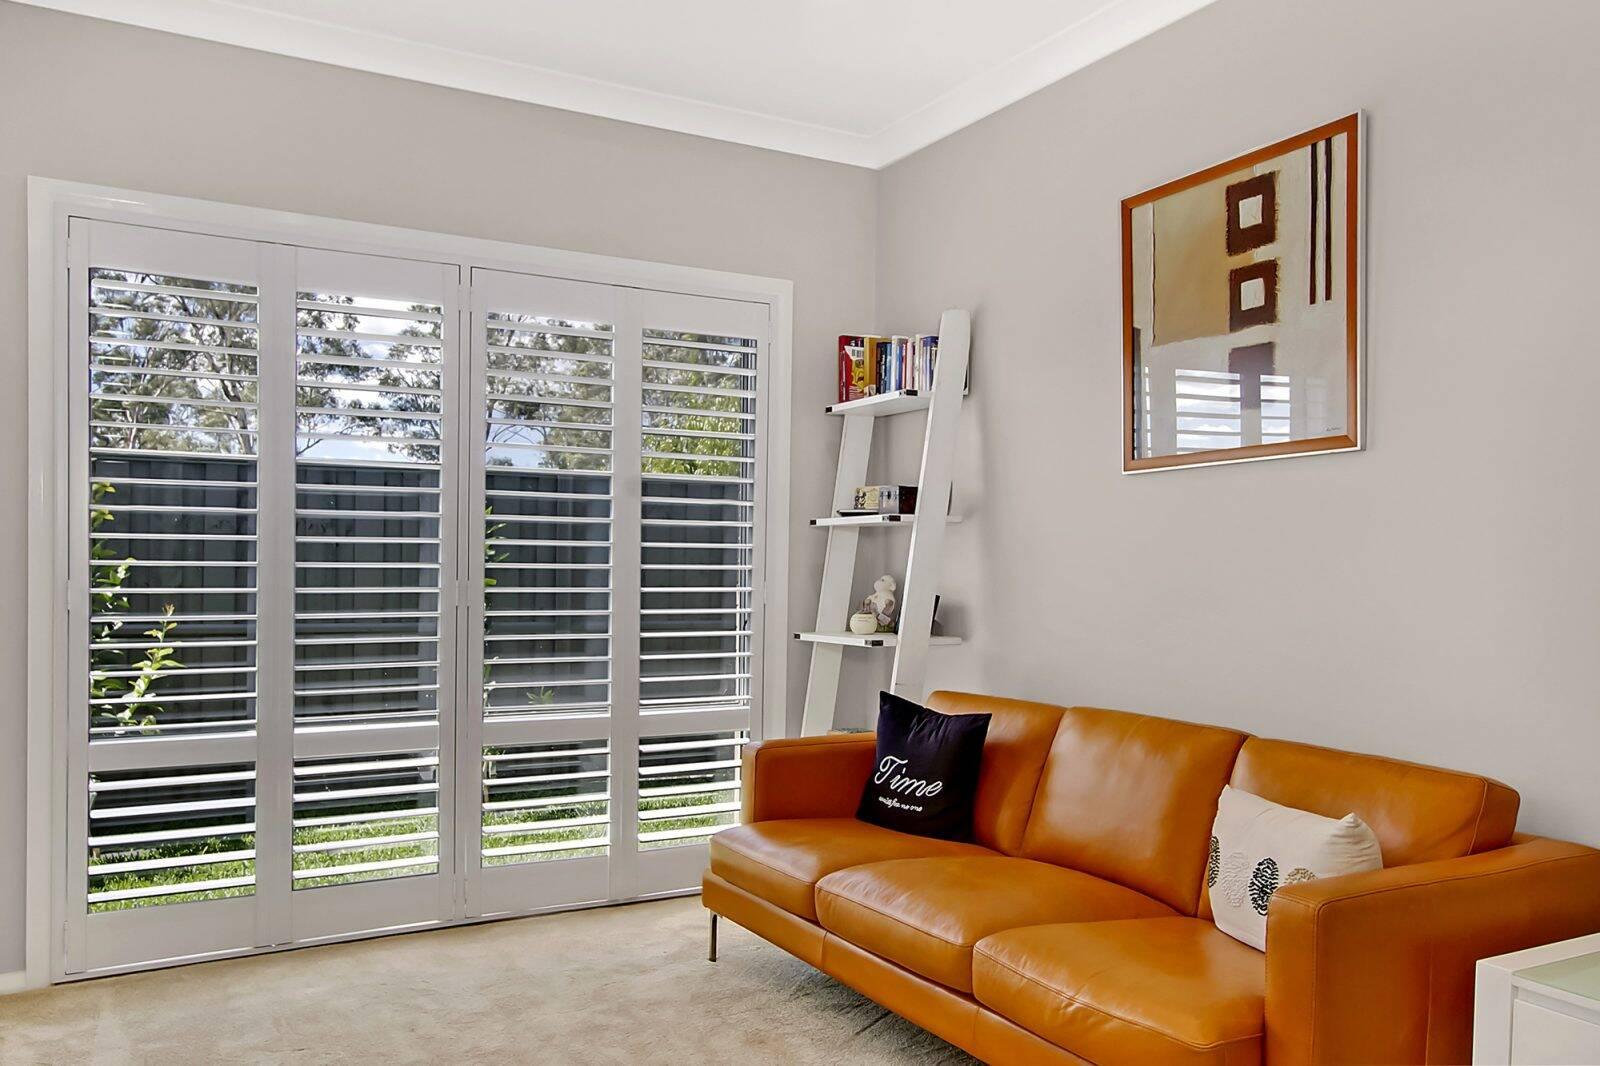 Cửa chớp được lắp mở rộng gần như toàn bộ tường để thay cho cửa kính